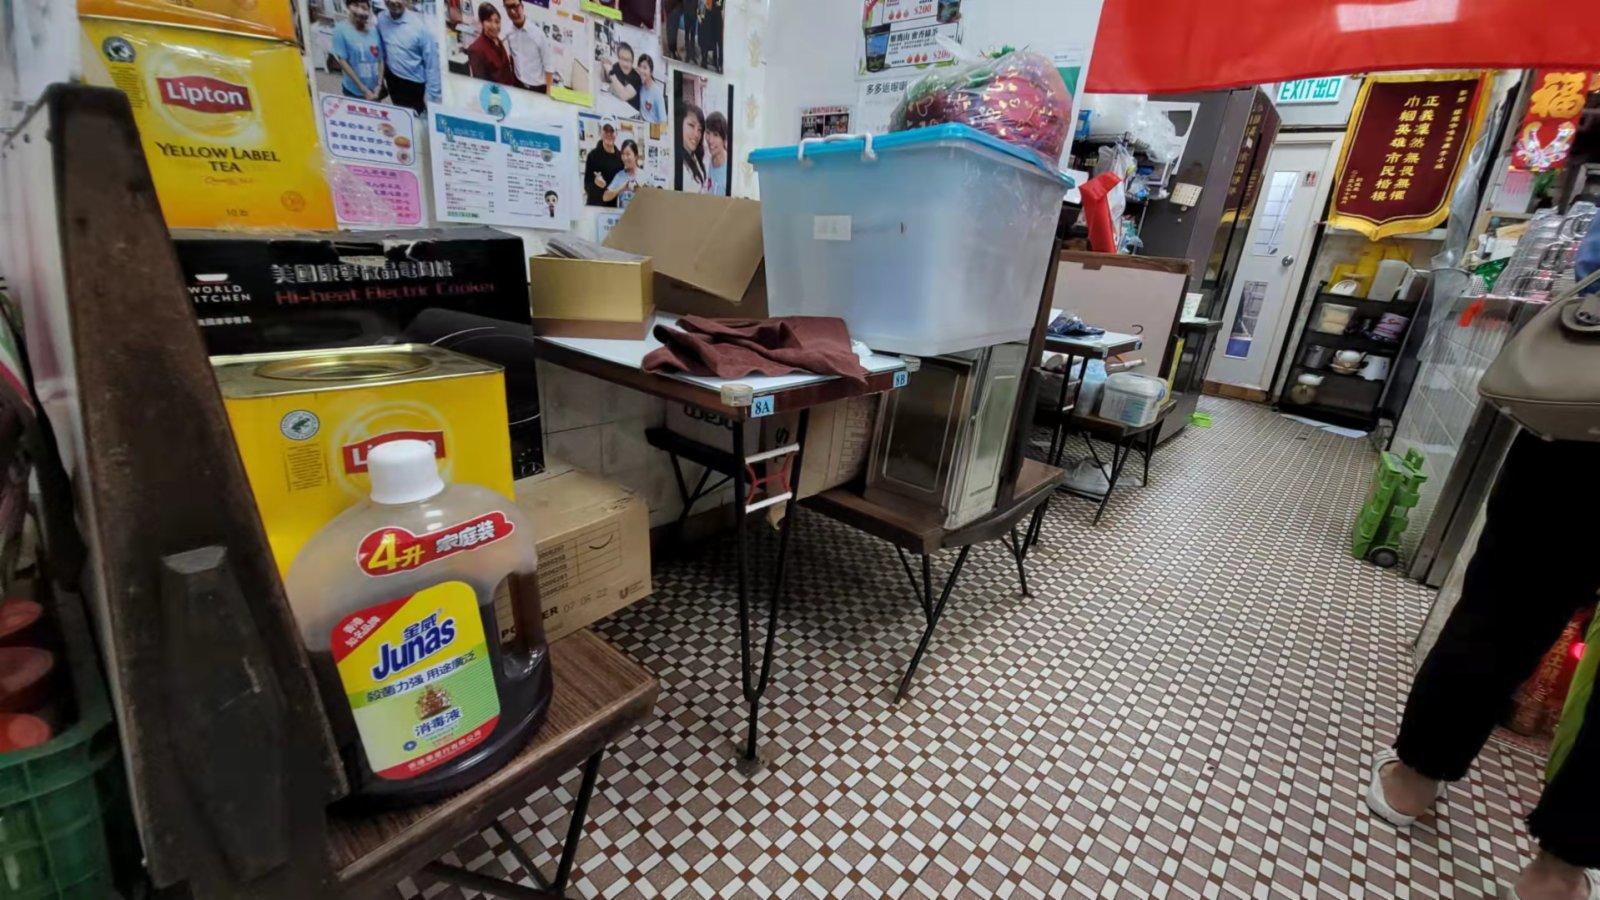 銀龍咖啡茶座廳負責人Kate姐連夜回來將貨物疊高,避免出現水浸貨物被浸濕。